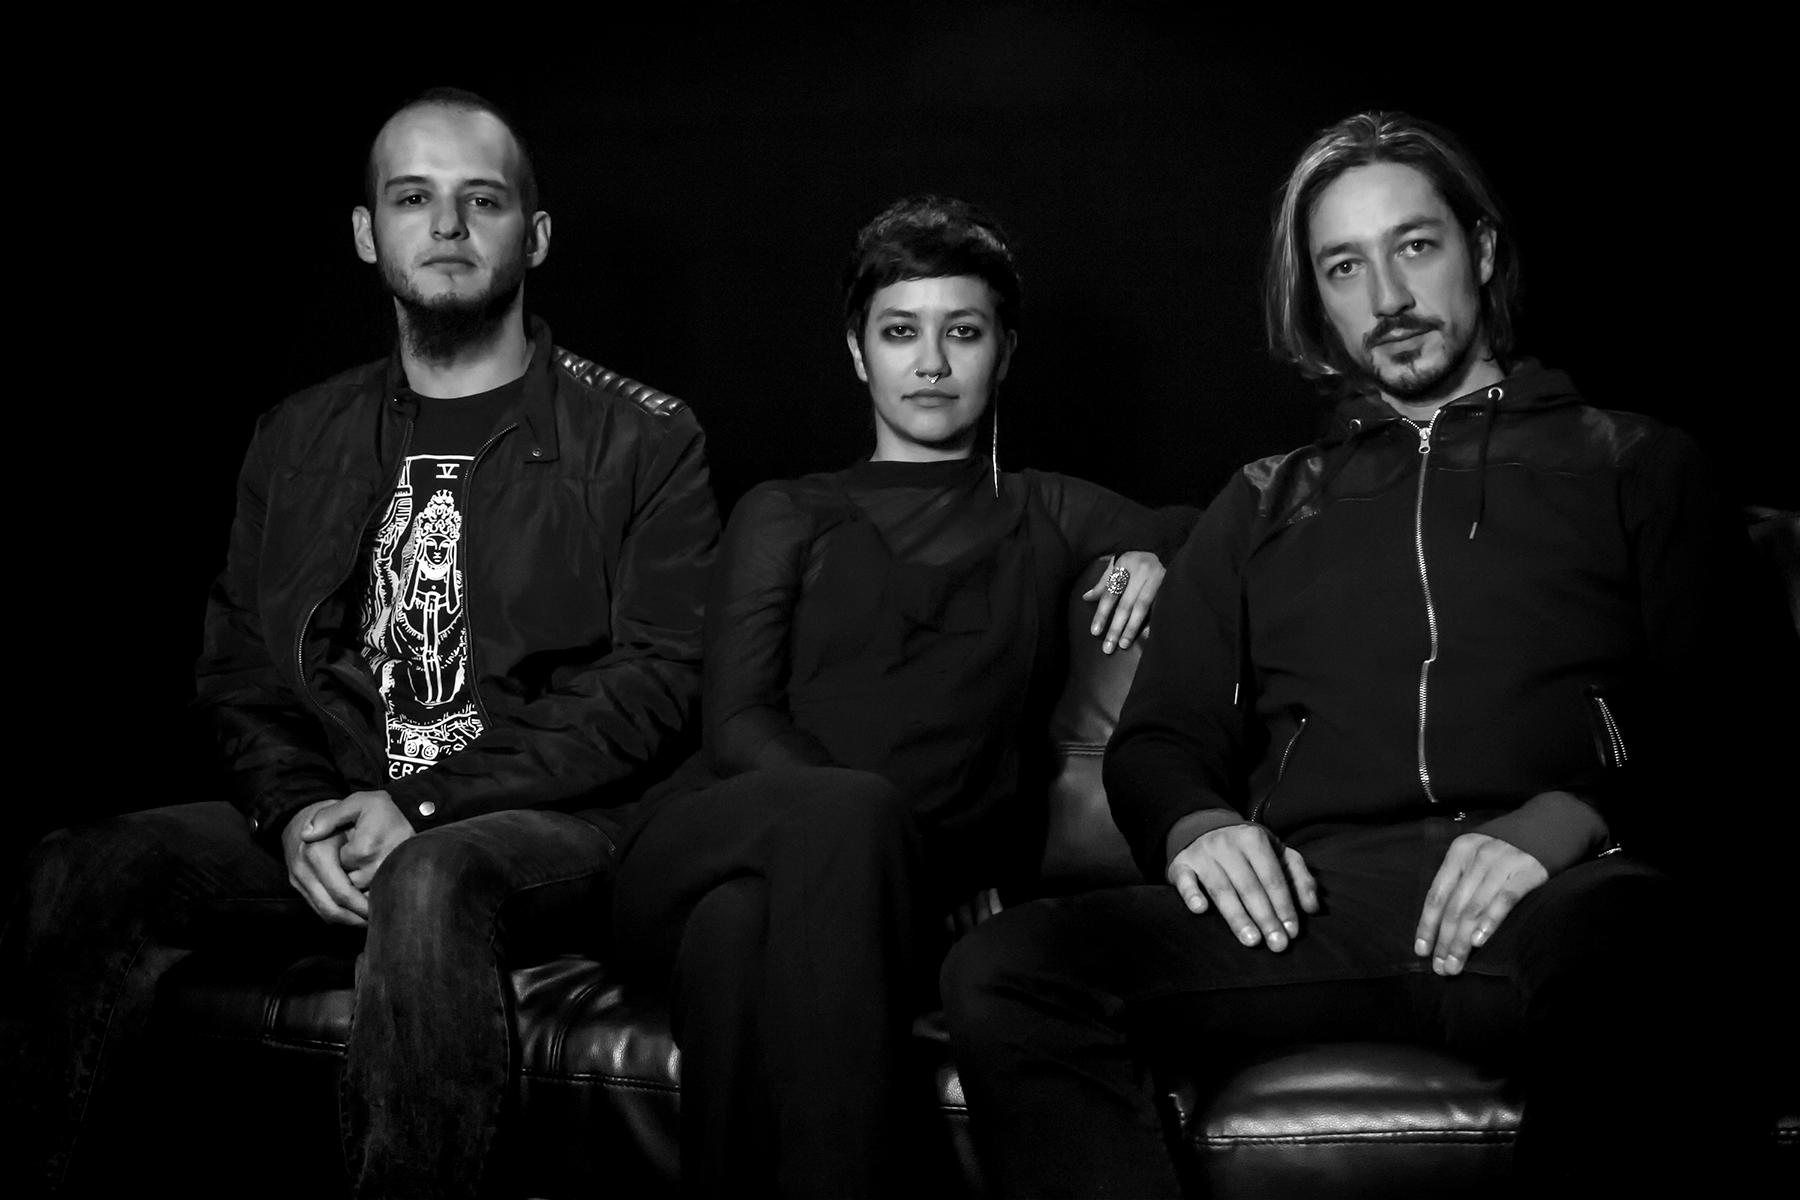 La banda ecuatoriana MUNN lanza nuevo adelanto del que será su próximo larga duración